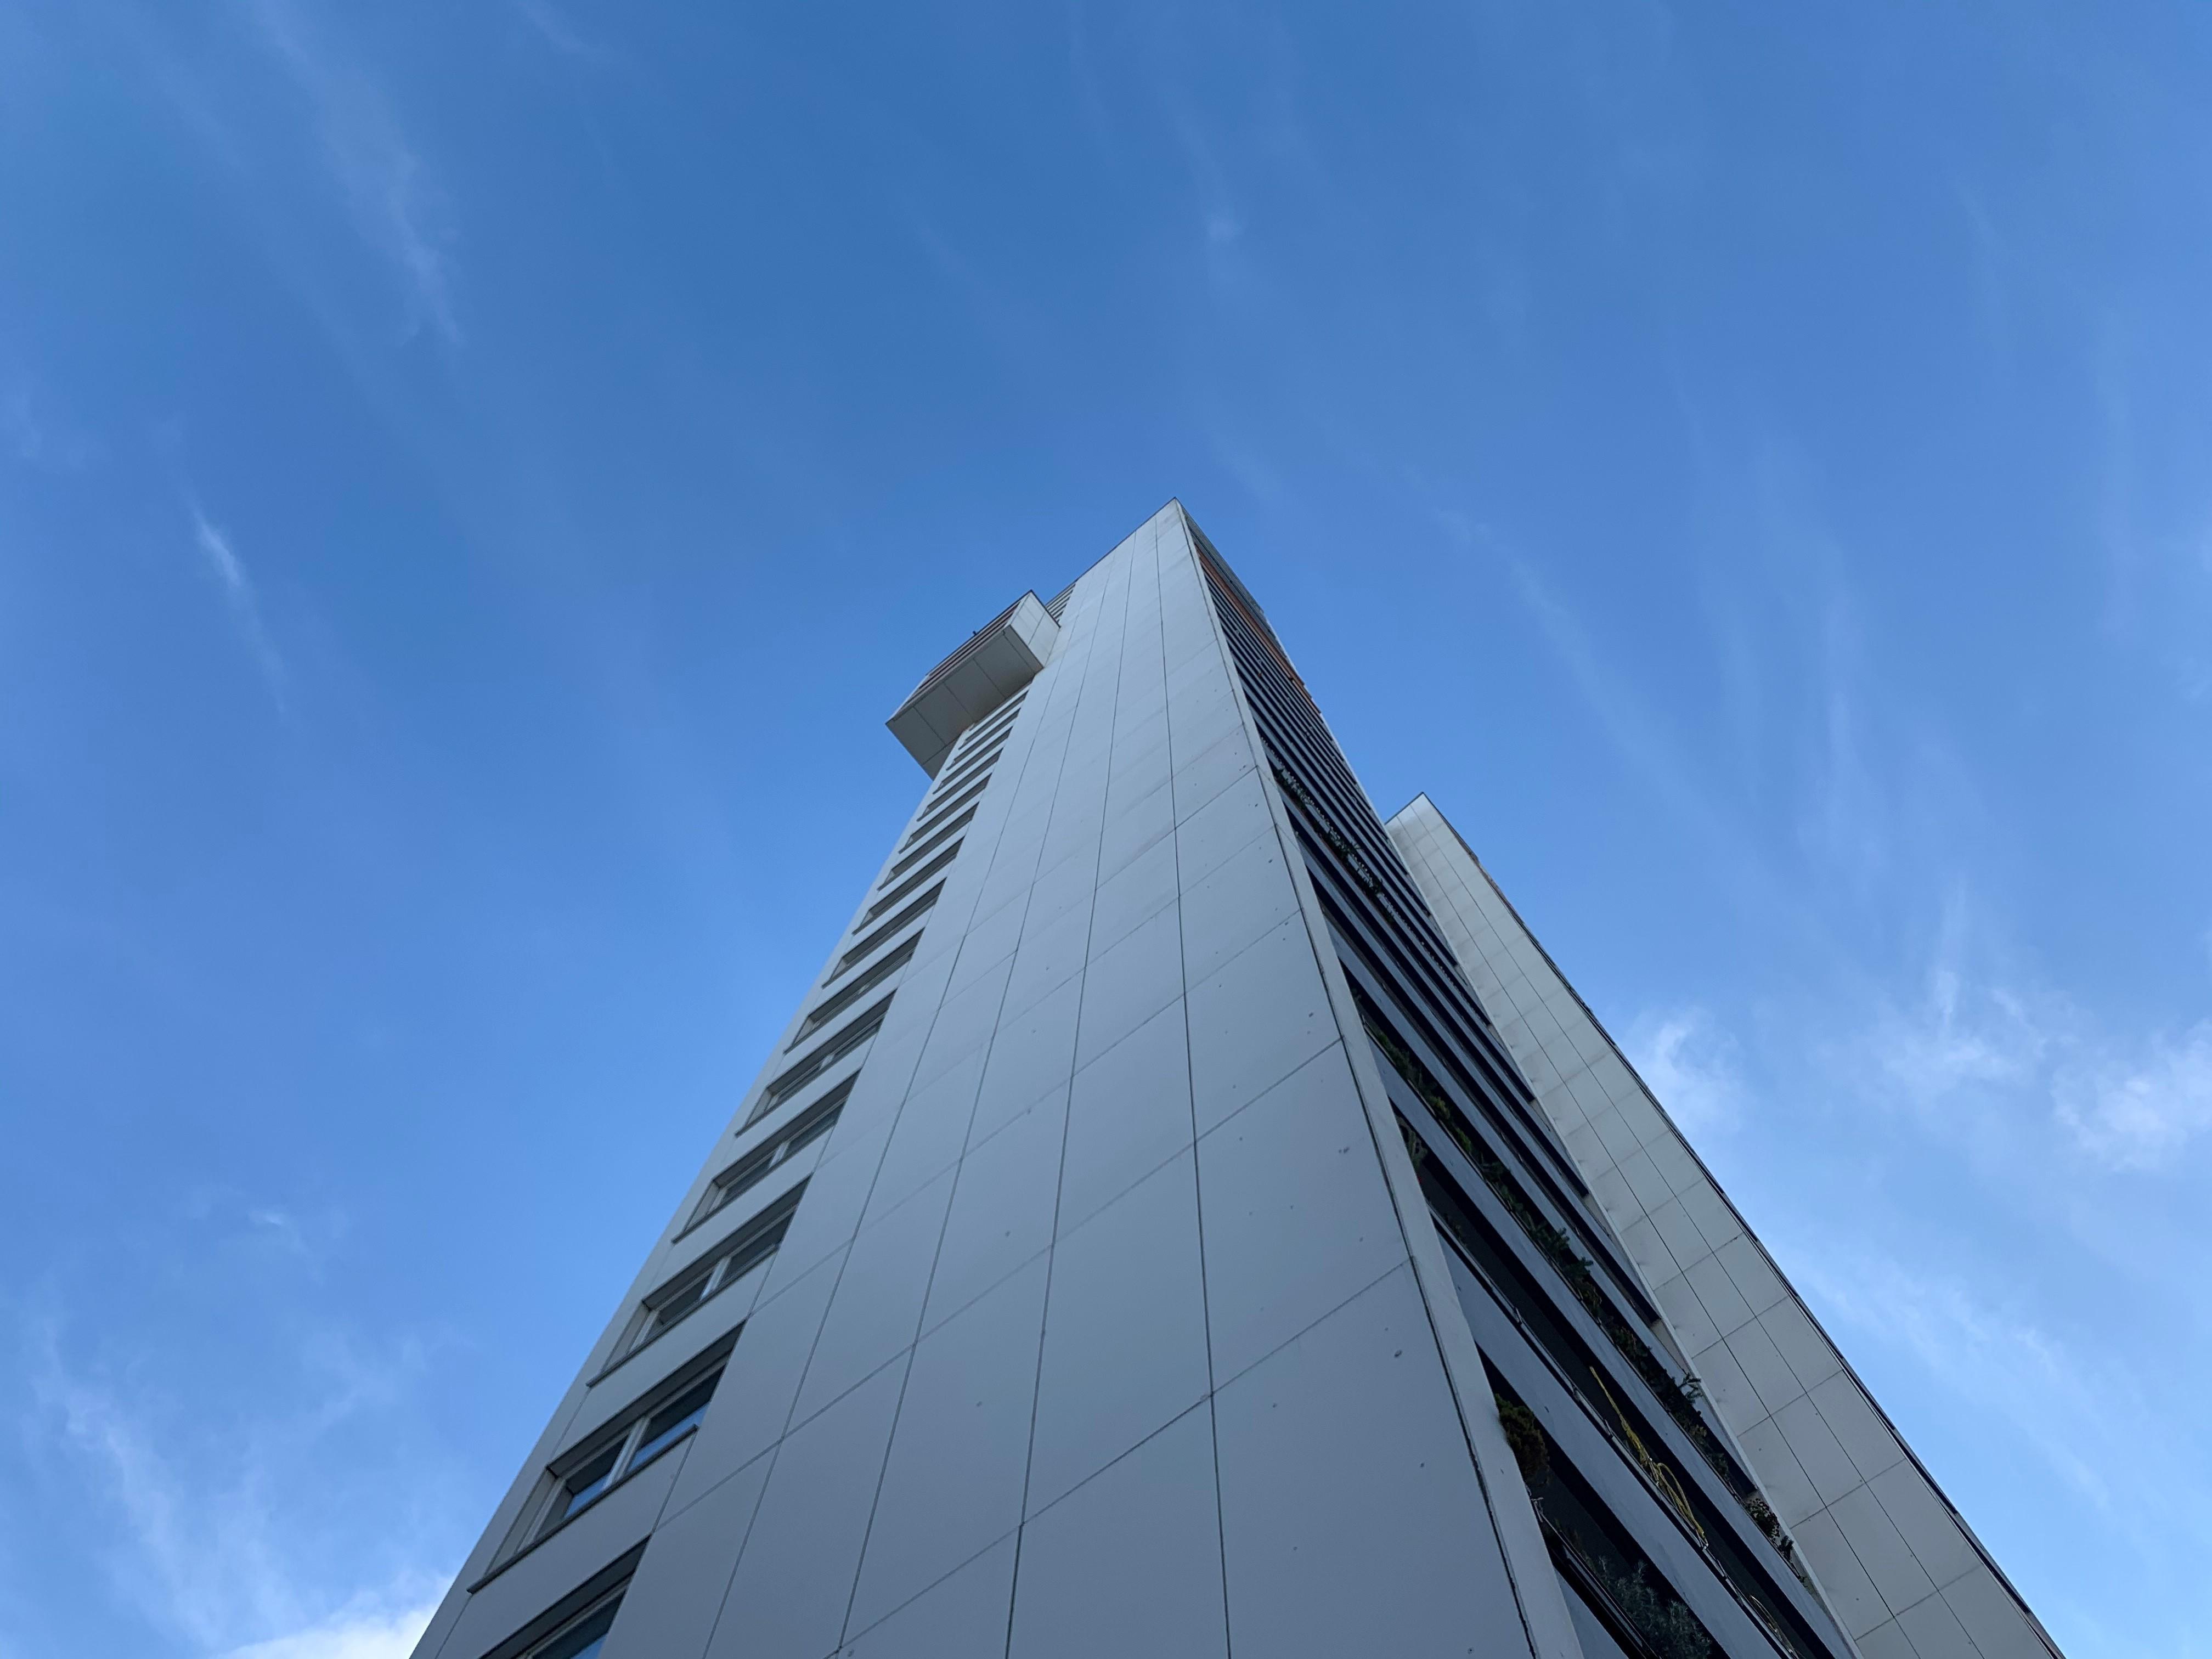 Jubiläum: Der 20. Tower-Run im IDEAL-Hochhaus in der Gropiusstadt 2